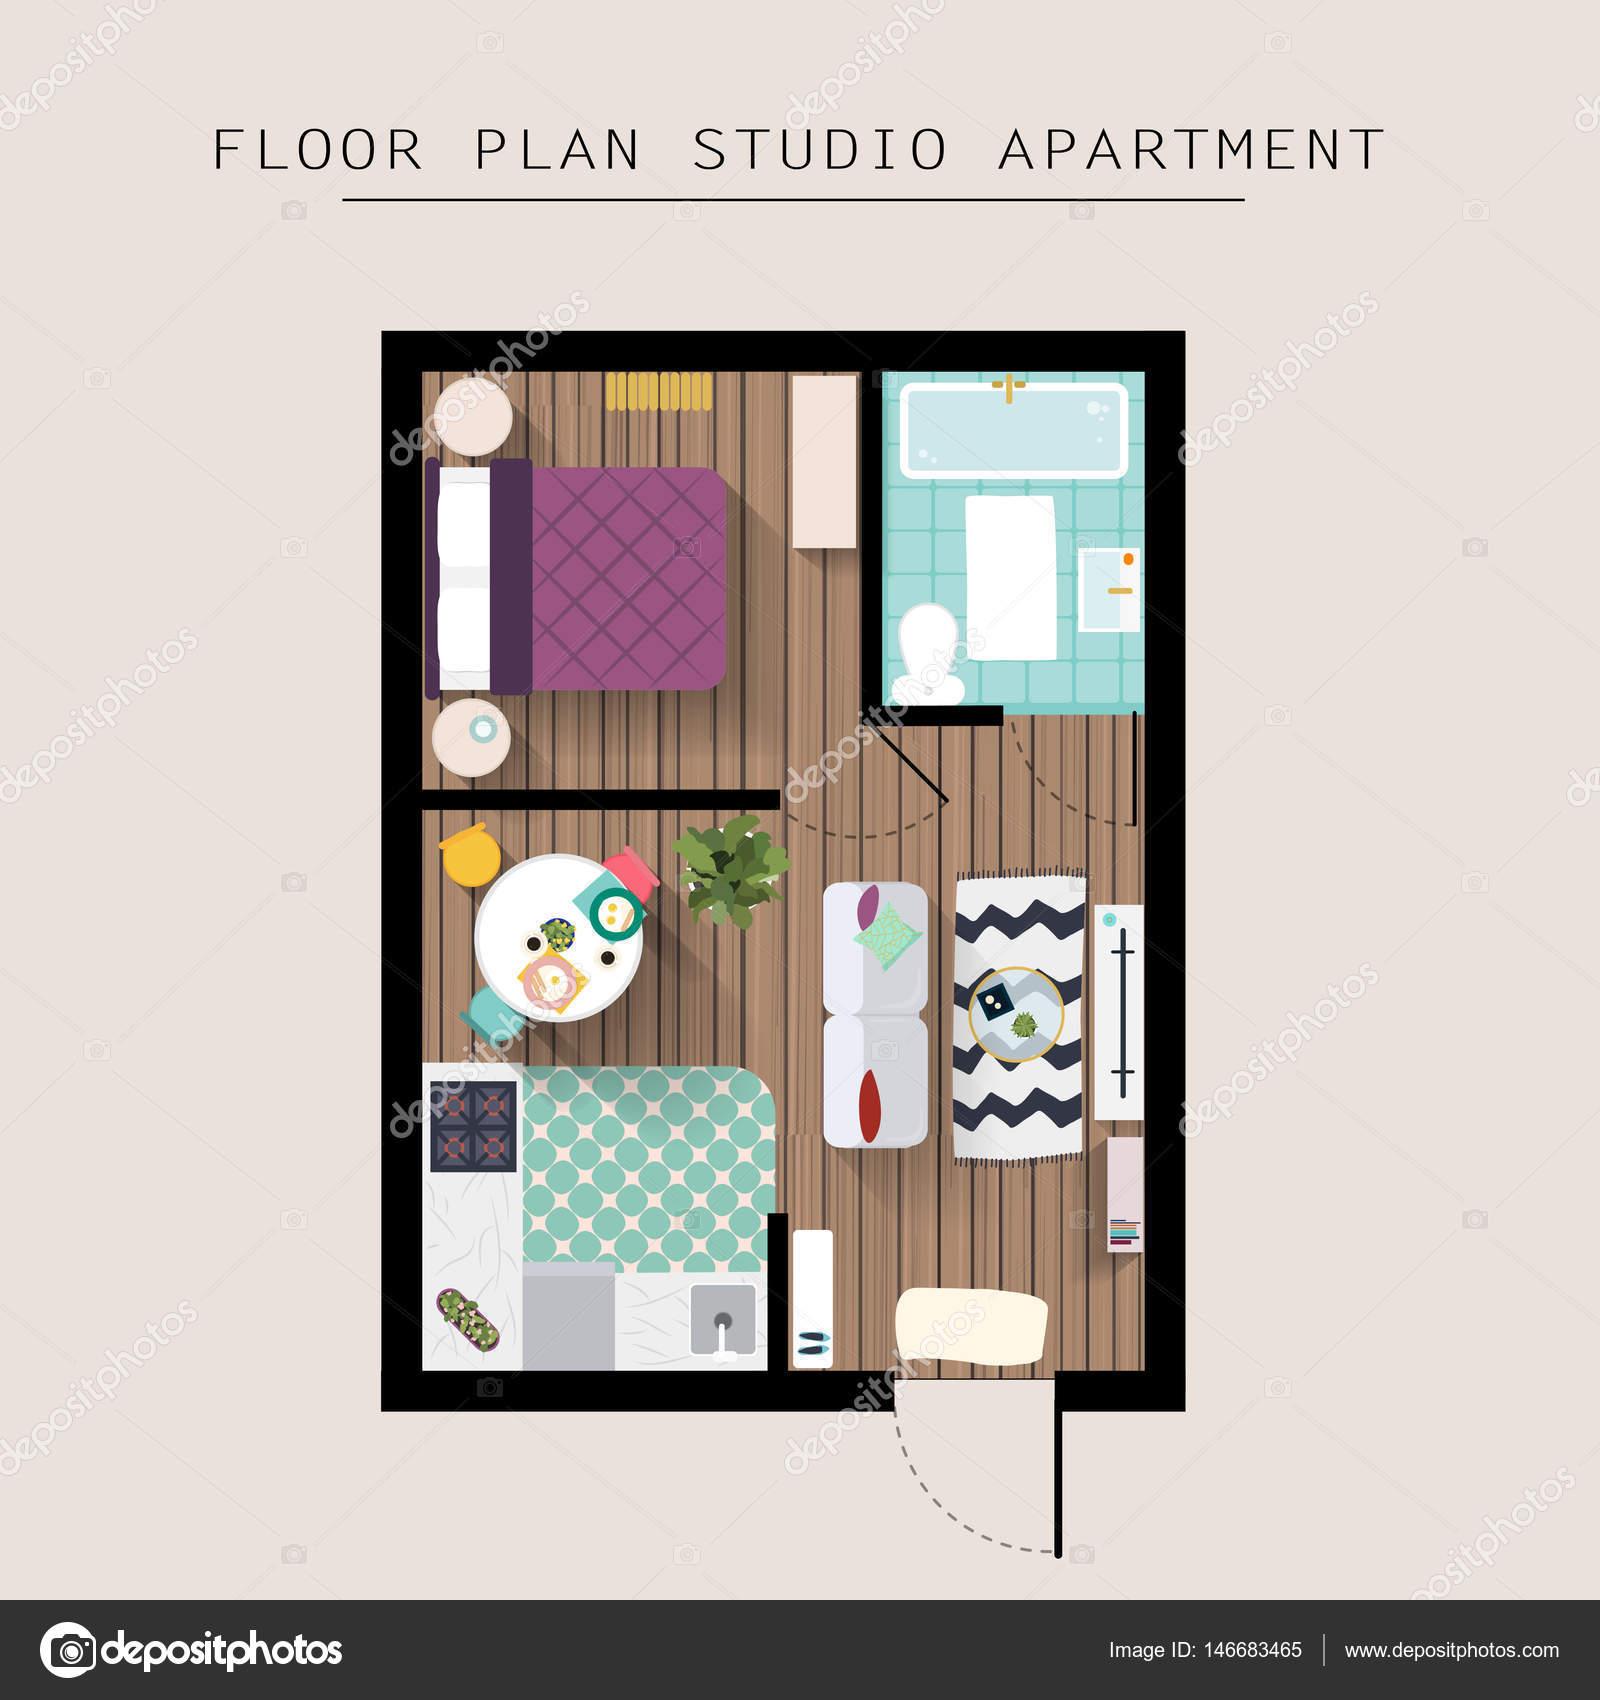 Muebles de Apartamento detallada — Archivo Imágenes Vectoriales ...